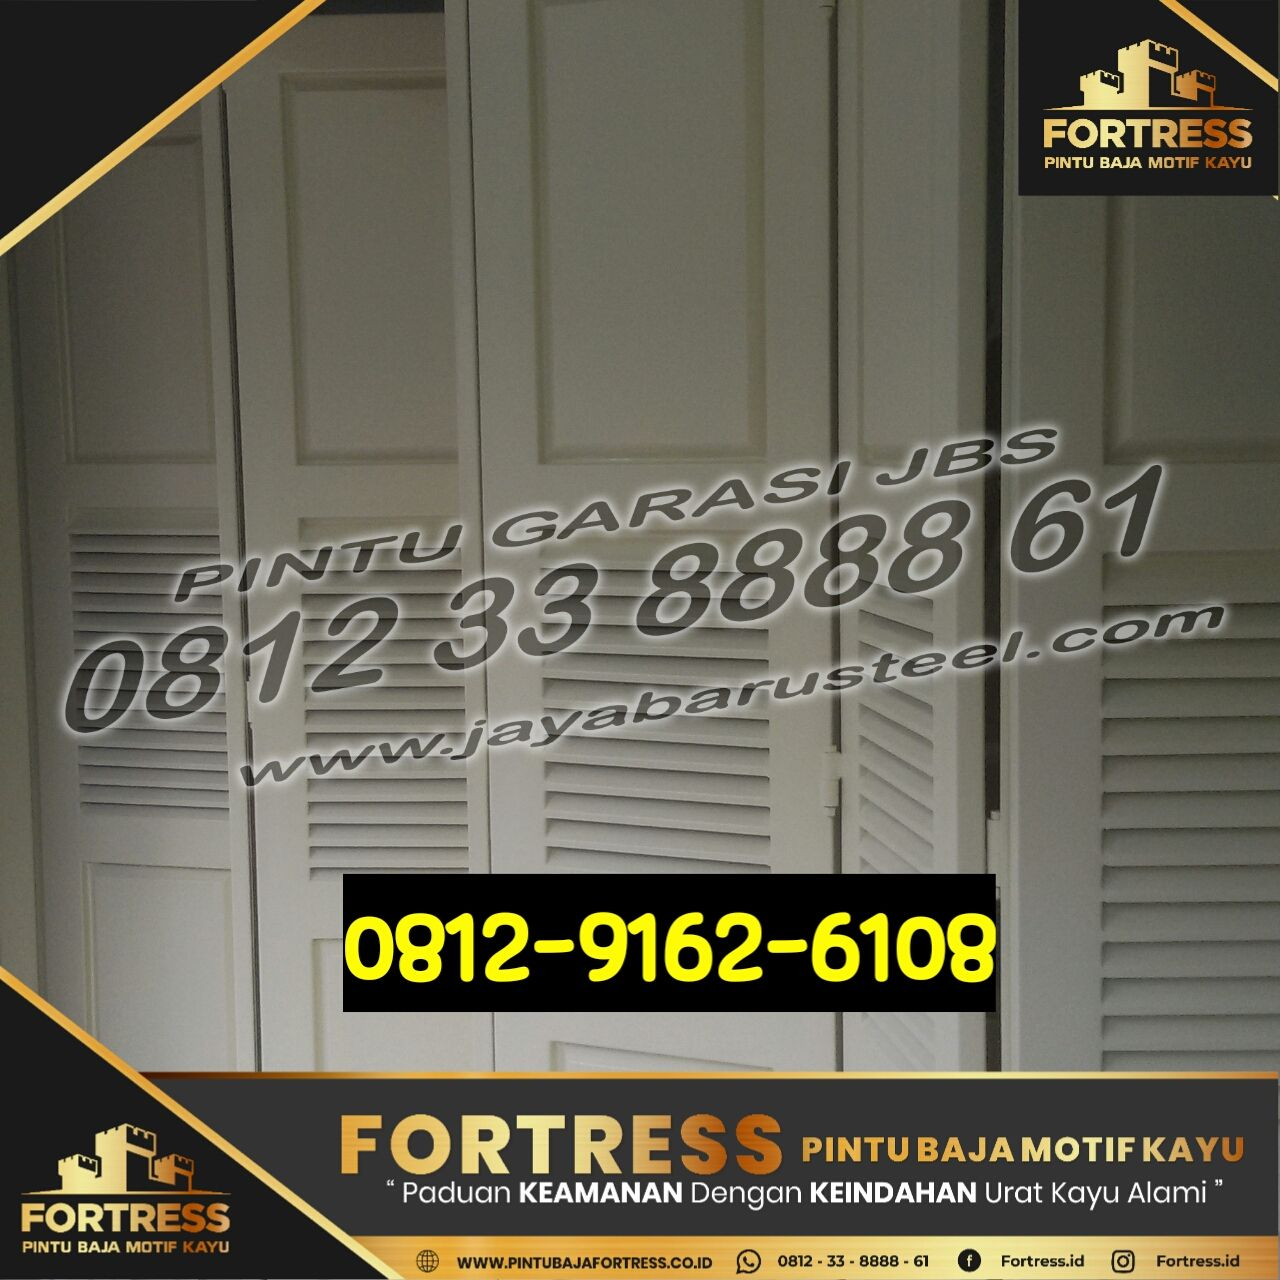 Pin Di 0812 9162 609 Fortress Pintu Garasi Mobil Aluminium Pintu Garasi Mobil Mewah Pintu Garasi Mobil Kayu Banjar Masin